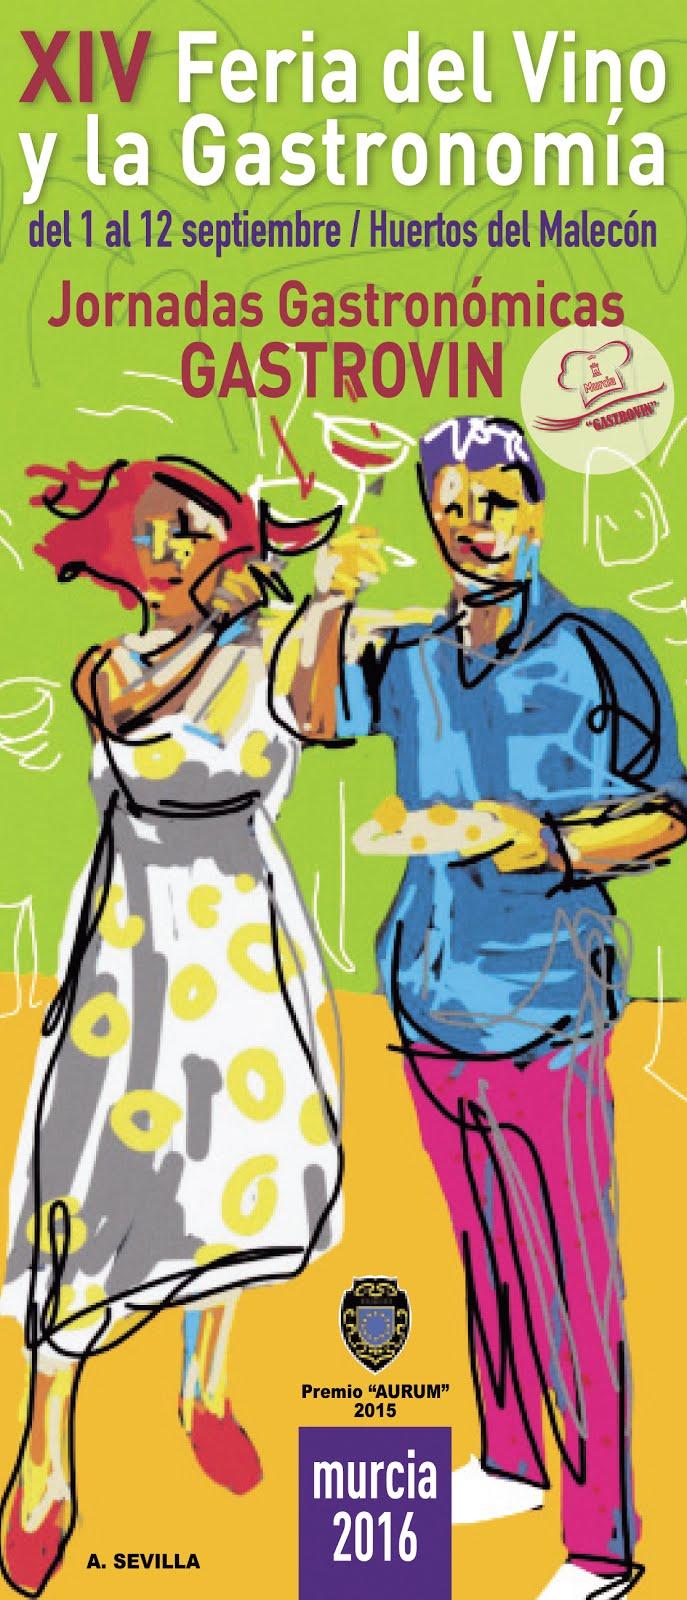 XIV Feria del Vino y la Gastronomía - Gastrovín